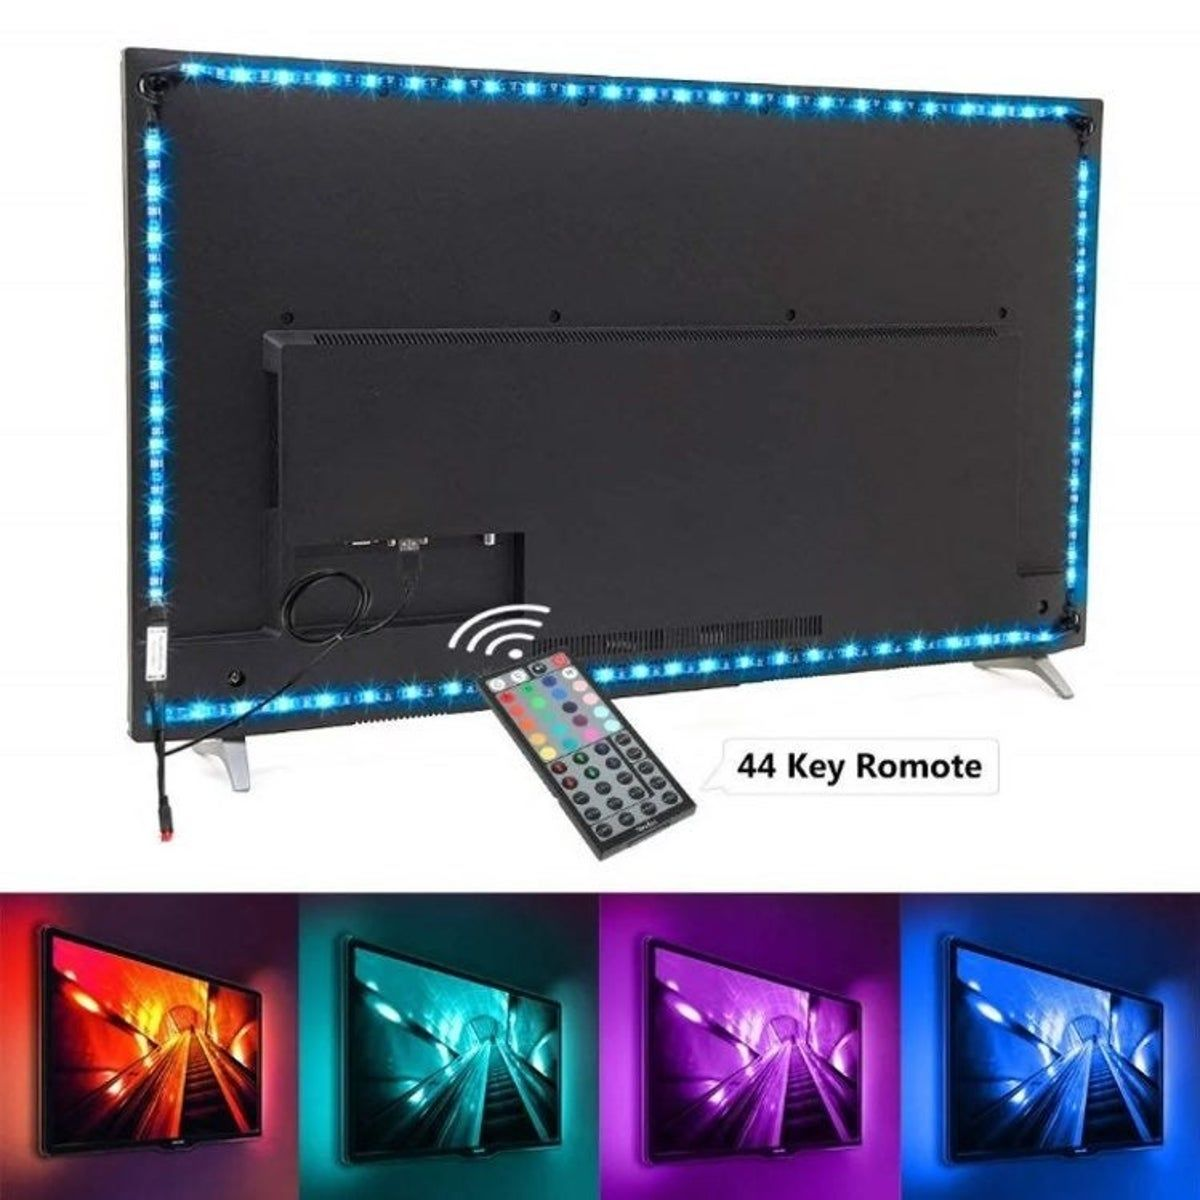 Tv Backlight LED 9.8 ft multicolor light in 2020 Tv